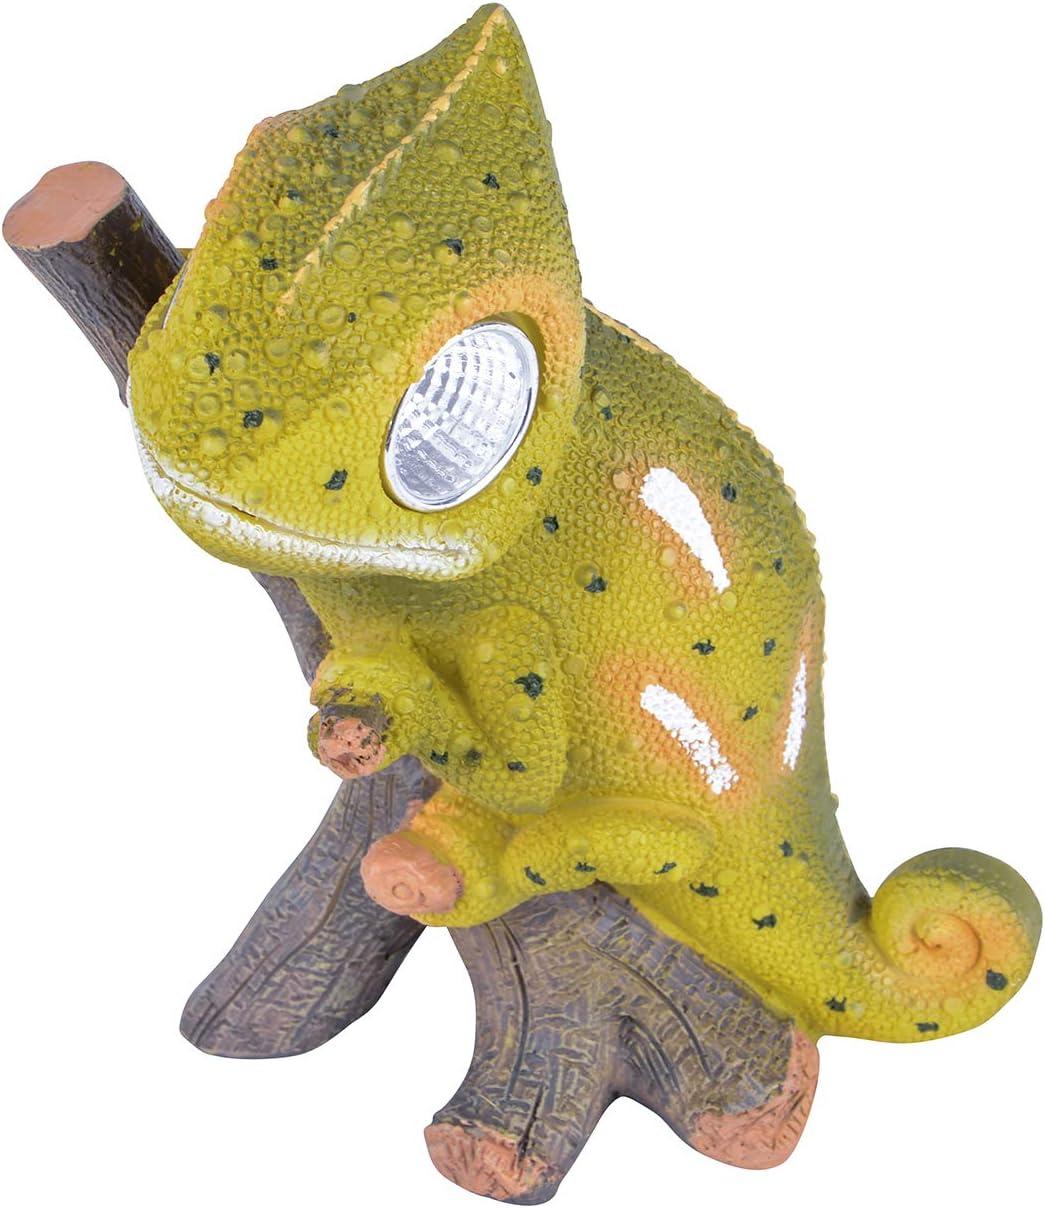 RM S de Commerce Solar Ojos Led Animales Camaleón como Figura de jardín con iluminación Solar: Amazon.es: Jardín